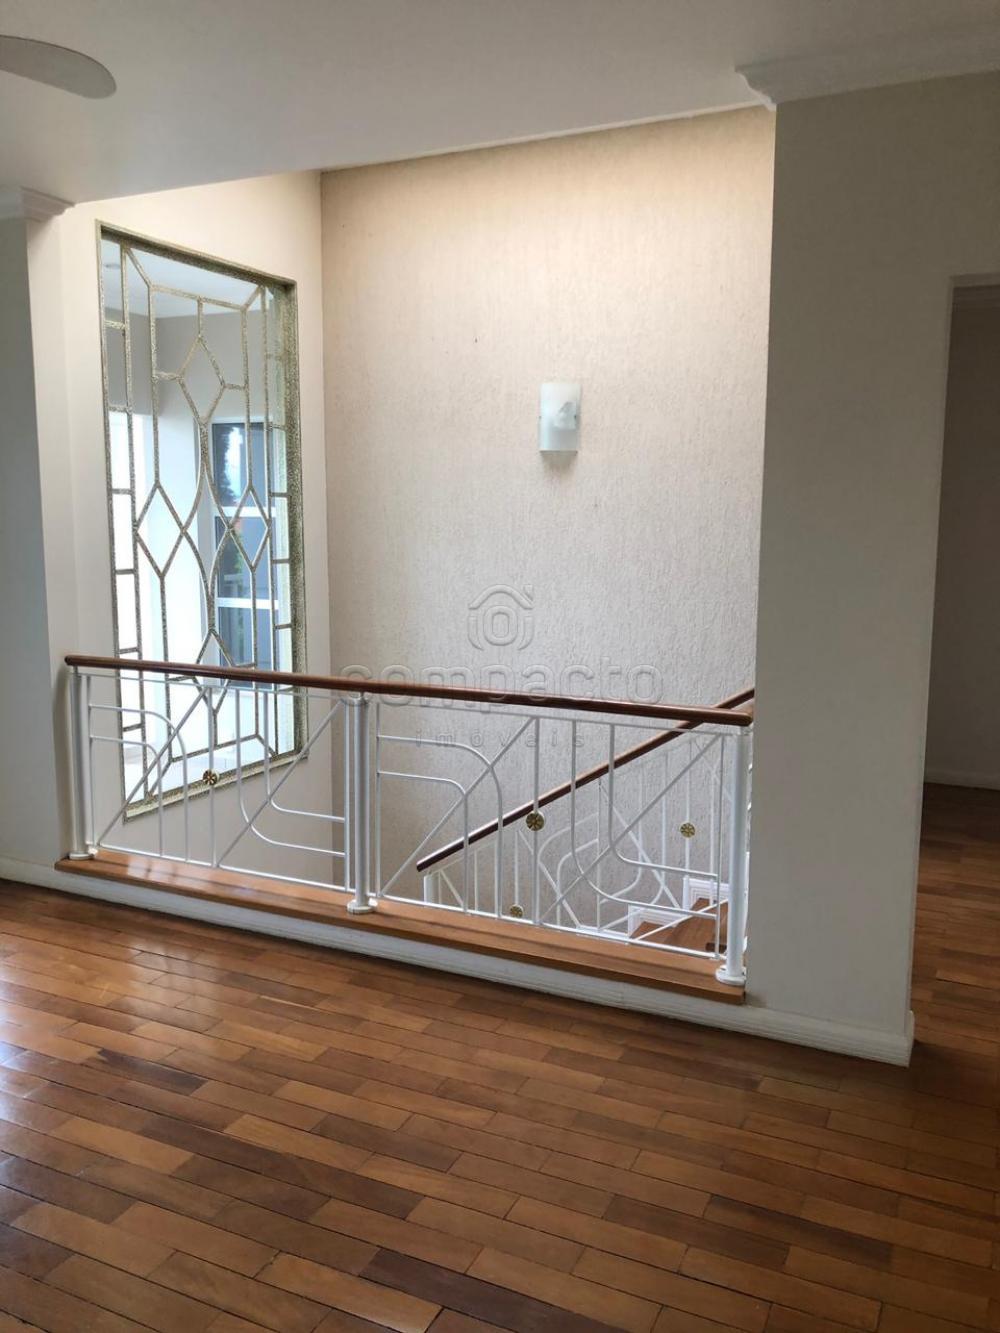 Alugar Casa / Condomínio em São José do Rio Preto apenas R$ 5.000,00 - Foto 8